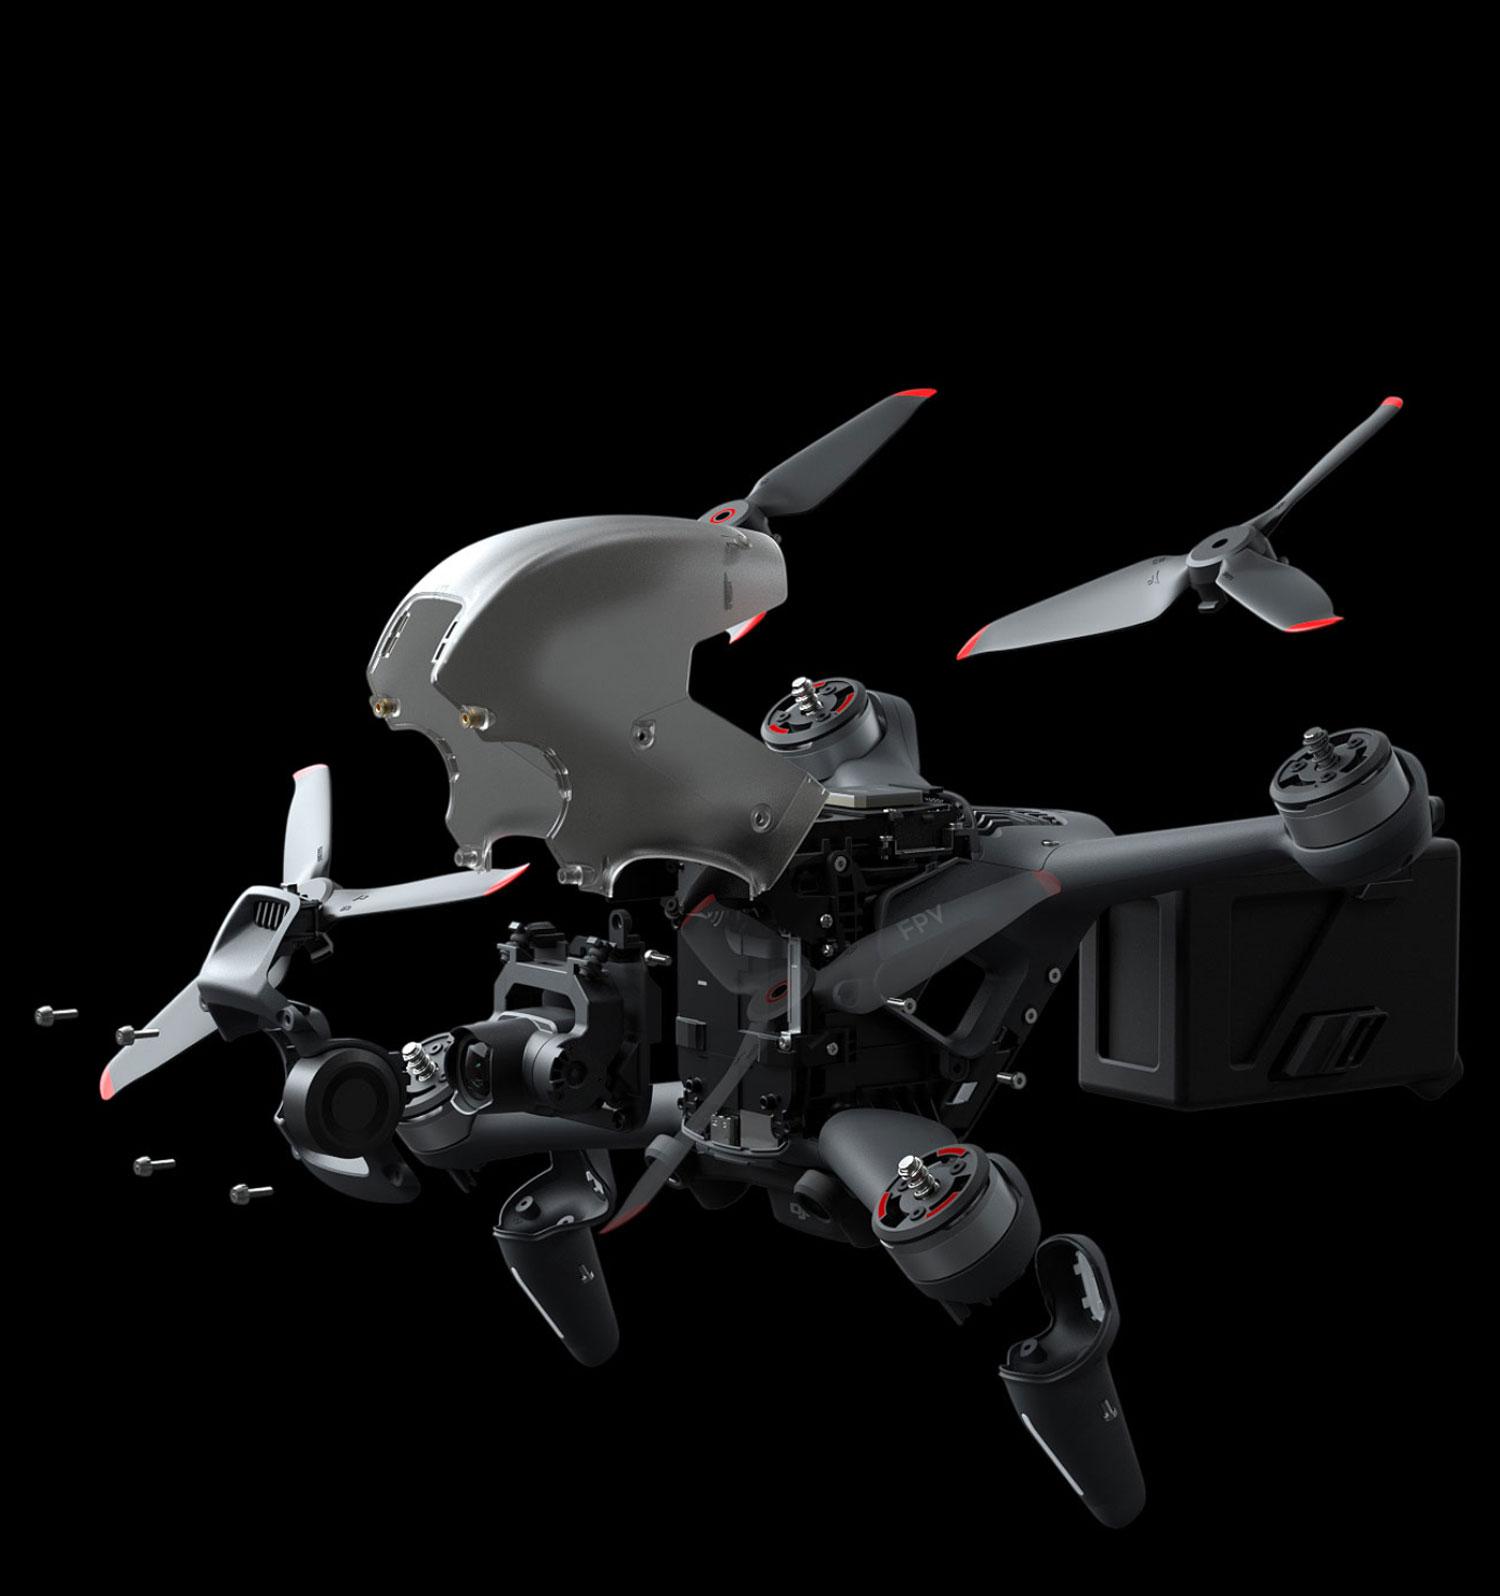 dji-fpv-combo-drone_17.jpg